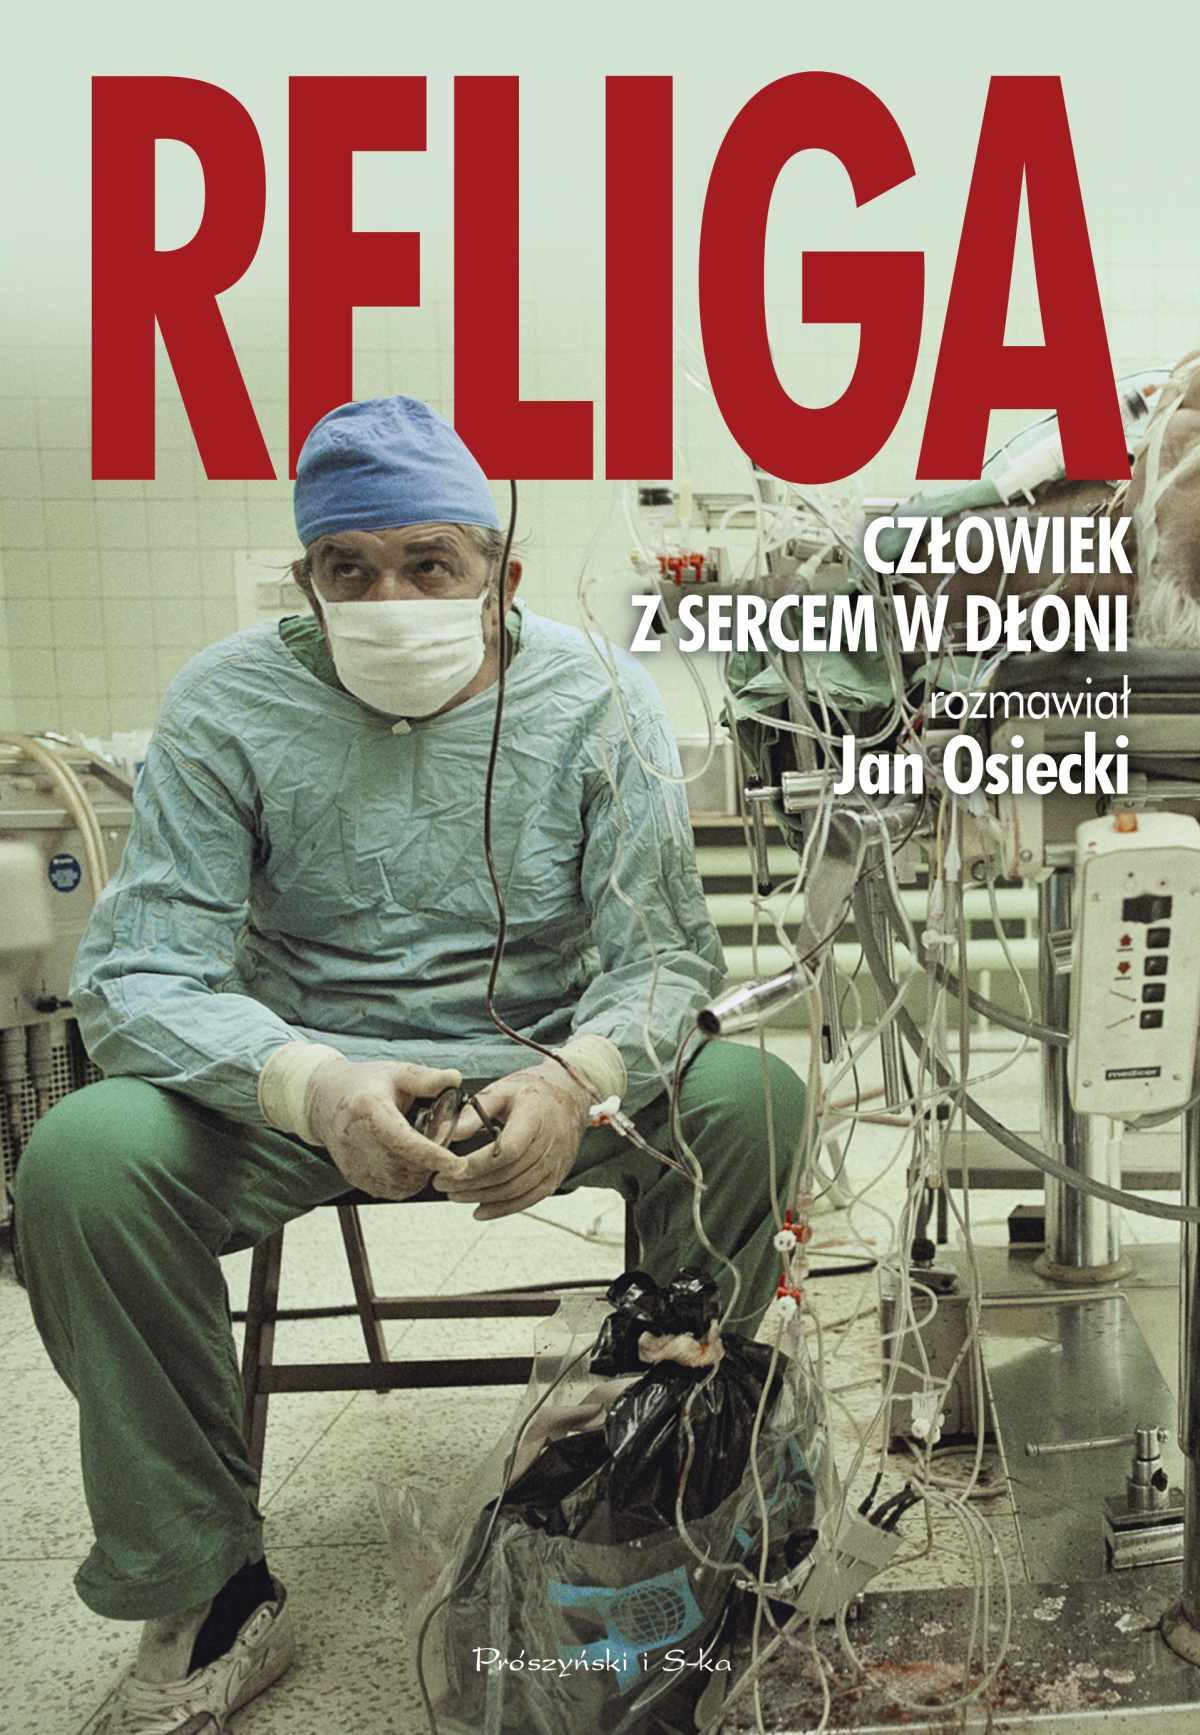 Religa. Człowiek z sercem w dłoni - Ebook (Książka EPUB) do pobrania w formacie EPUB